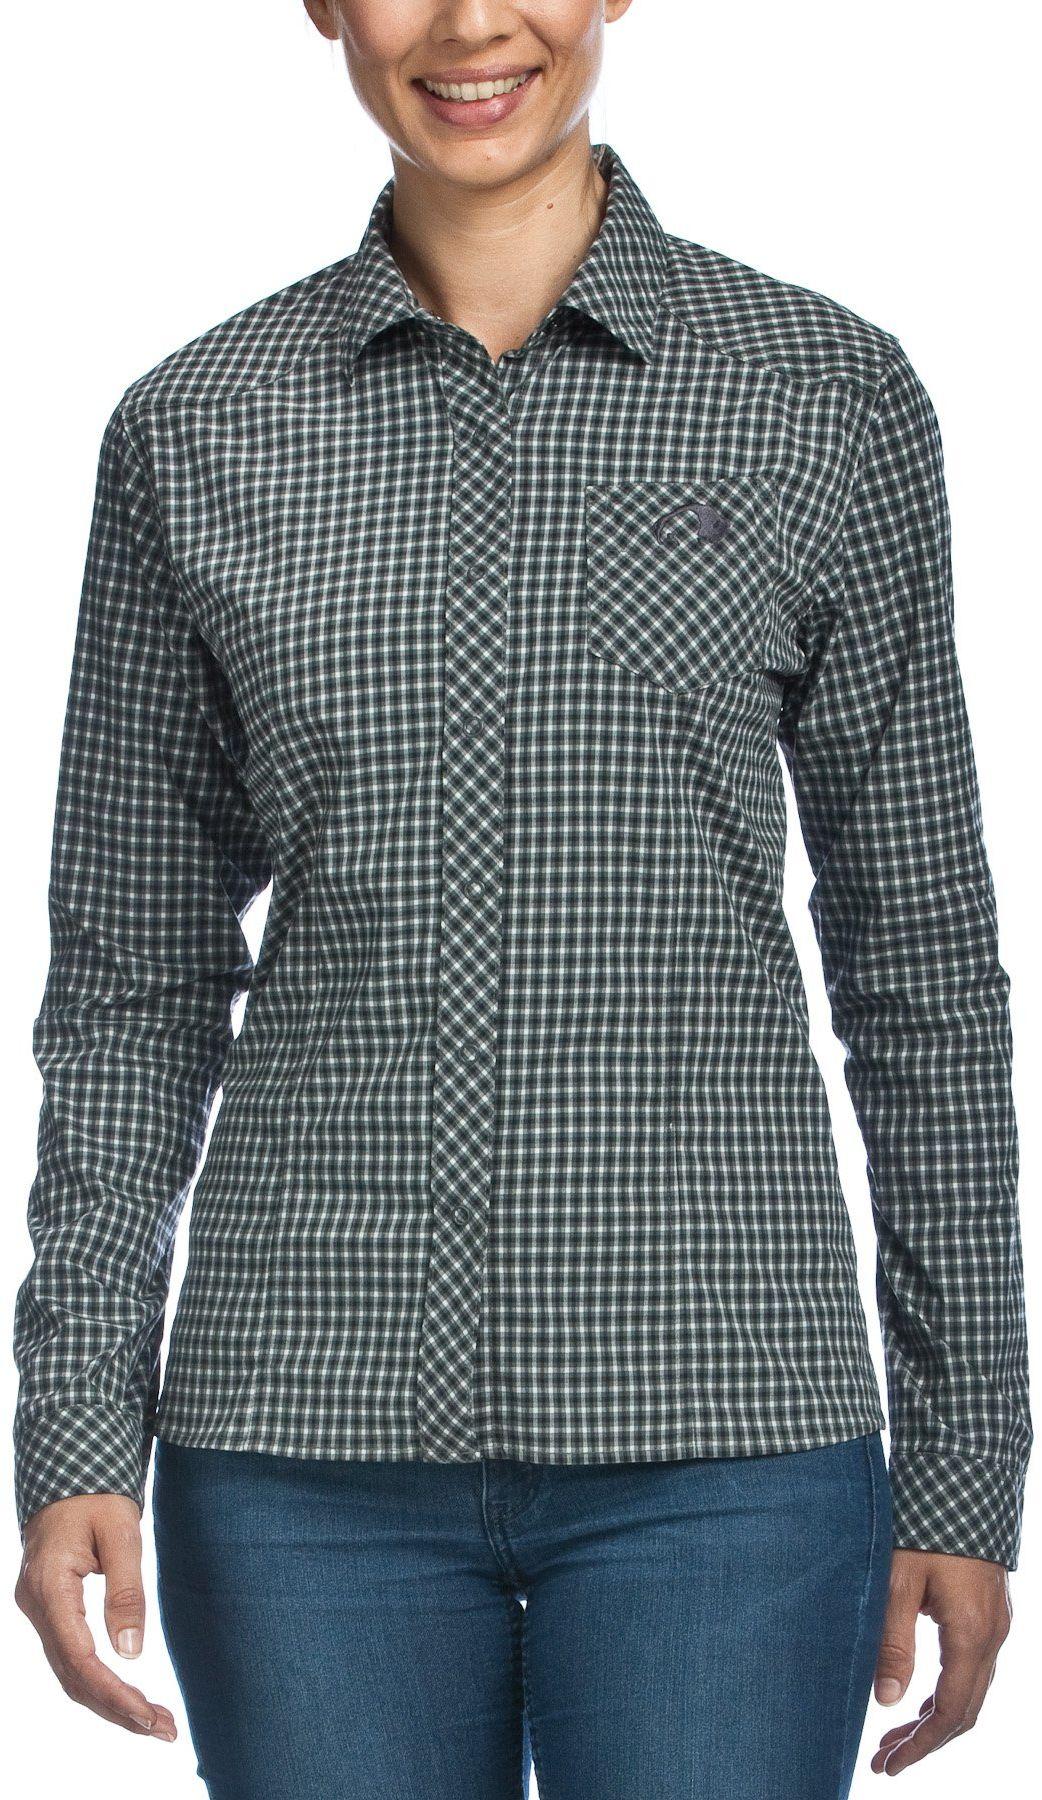 Tatonka Damska bluzka Camden W''s Long Sleeve Shirt, Carbon, 40, M383